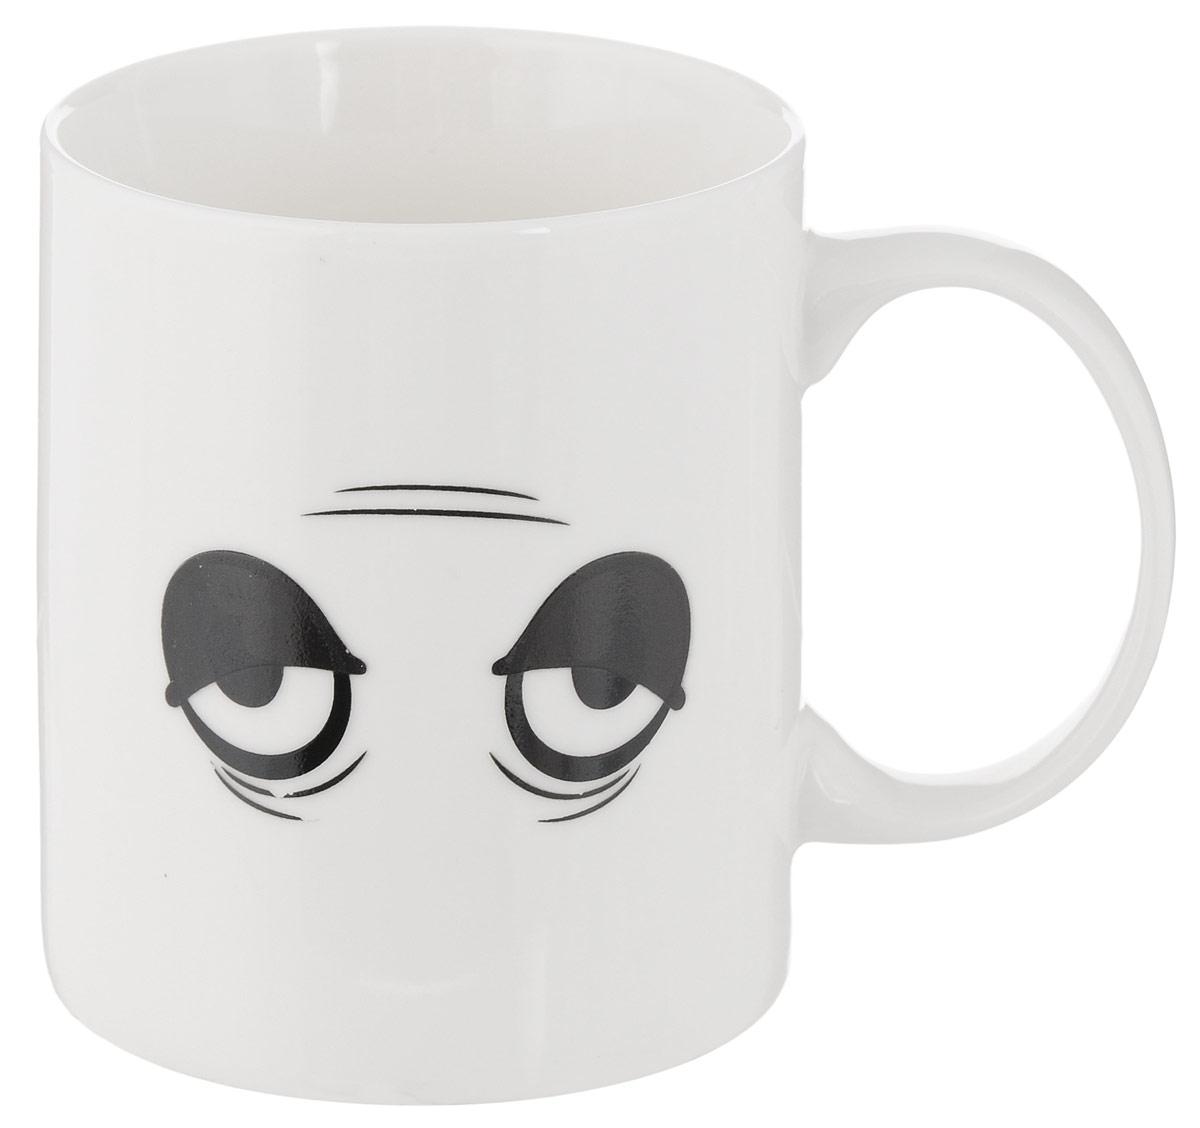 Кружка-хамелеон Bradex Бодрое утро, 350 млSU 0021Вам трудно просыпаться утром? Тело, казалось бы, встает, но вот сознание все равно остается в сладких снах? Вернуть бодрость тела и духа вам поможет горячий крепкий кофе или любимый чай, выпитый из забавной кружки-хамелеона Bradex Бодрое утро! Стоит только наполнить кружку горячим напитком, и забавная невыспавшаяся физиономия с мешками под глазами тут же превратится в глазки, полные энергии и энтузиазма. Прочная керамика прослужит вам не один год, а качественное напыление не сотрется даже от ежедневного мытья. Что уж говорить об улыбке, которую будет день за днем вызывать взбодрившаяся мордочка на кружке! Ранний подъем проходит легче с кружкой- хамелеоном Bradex Бодрое утро! Диаметр по верхнему краю: 8 см.